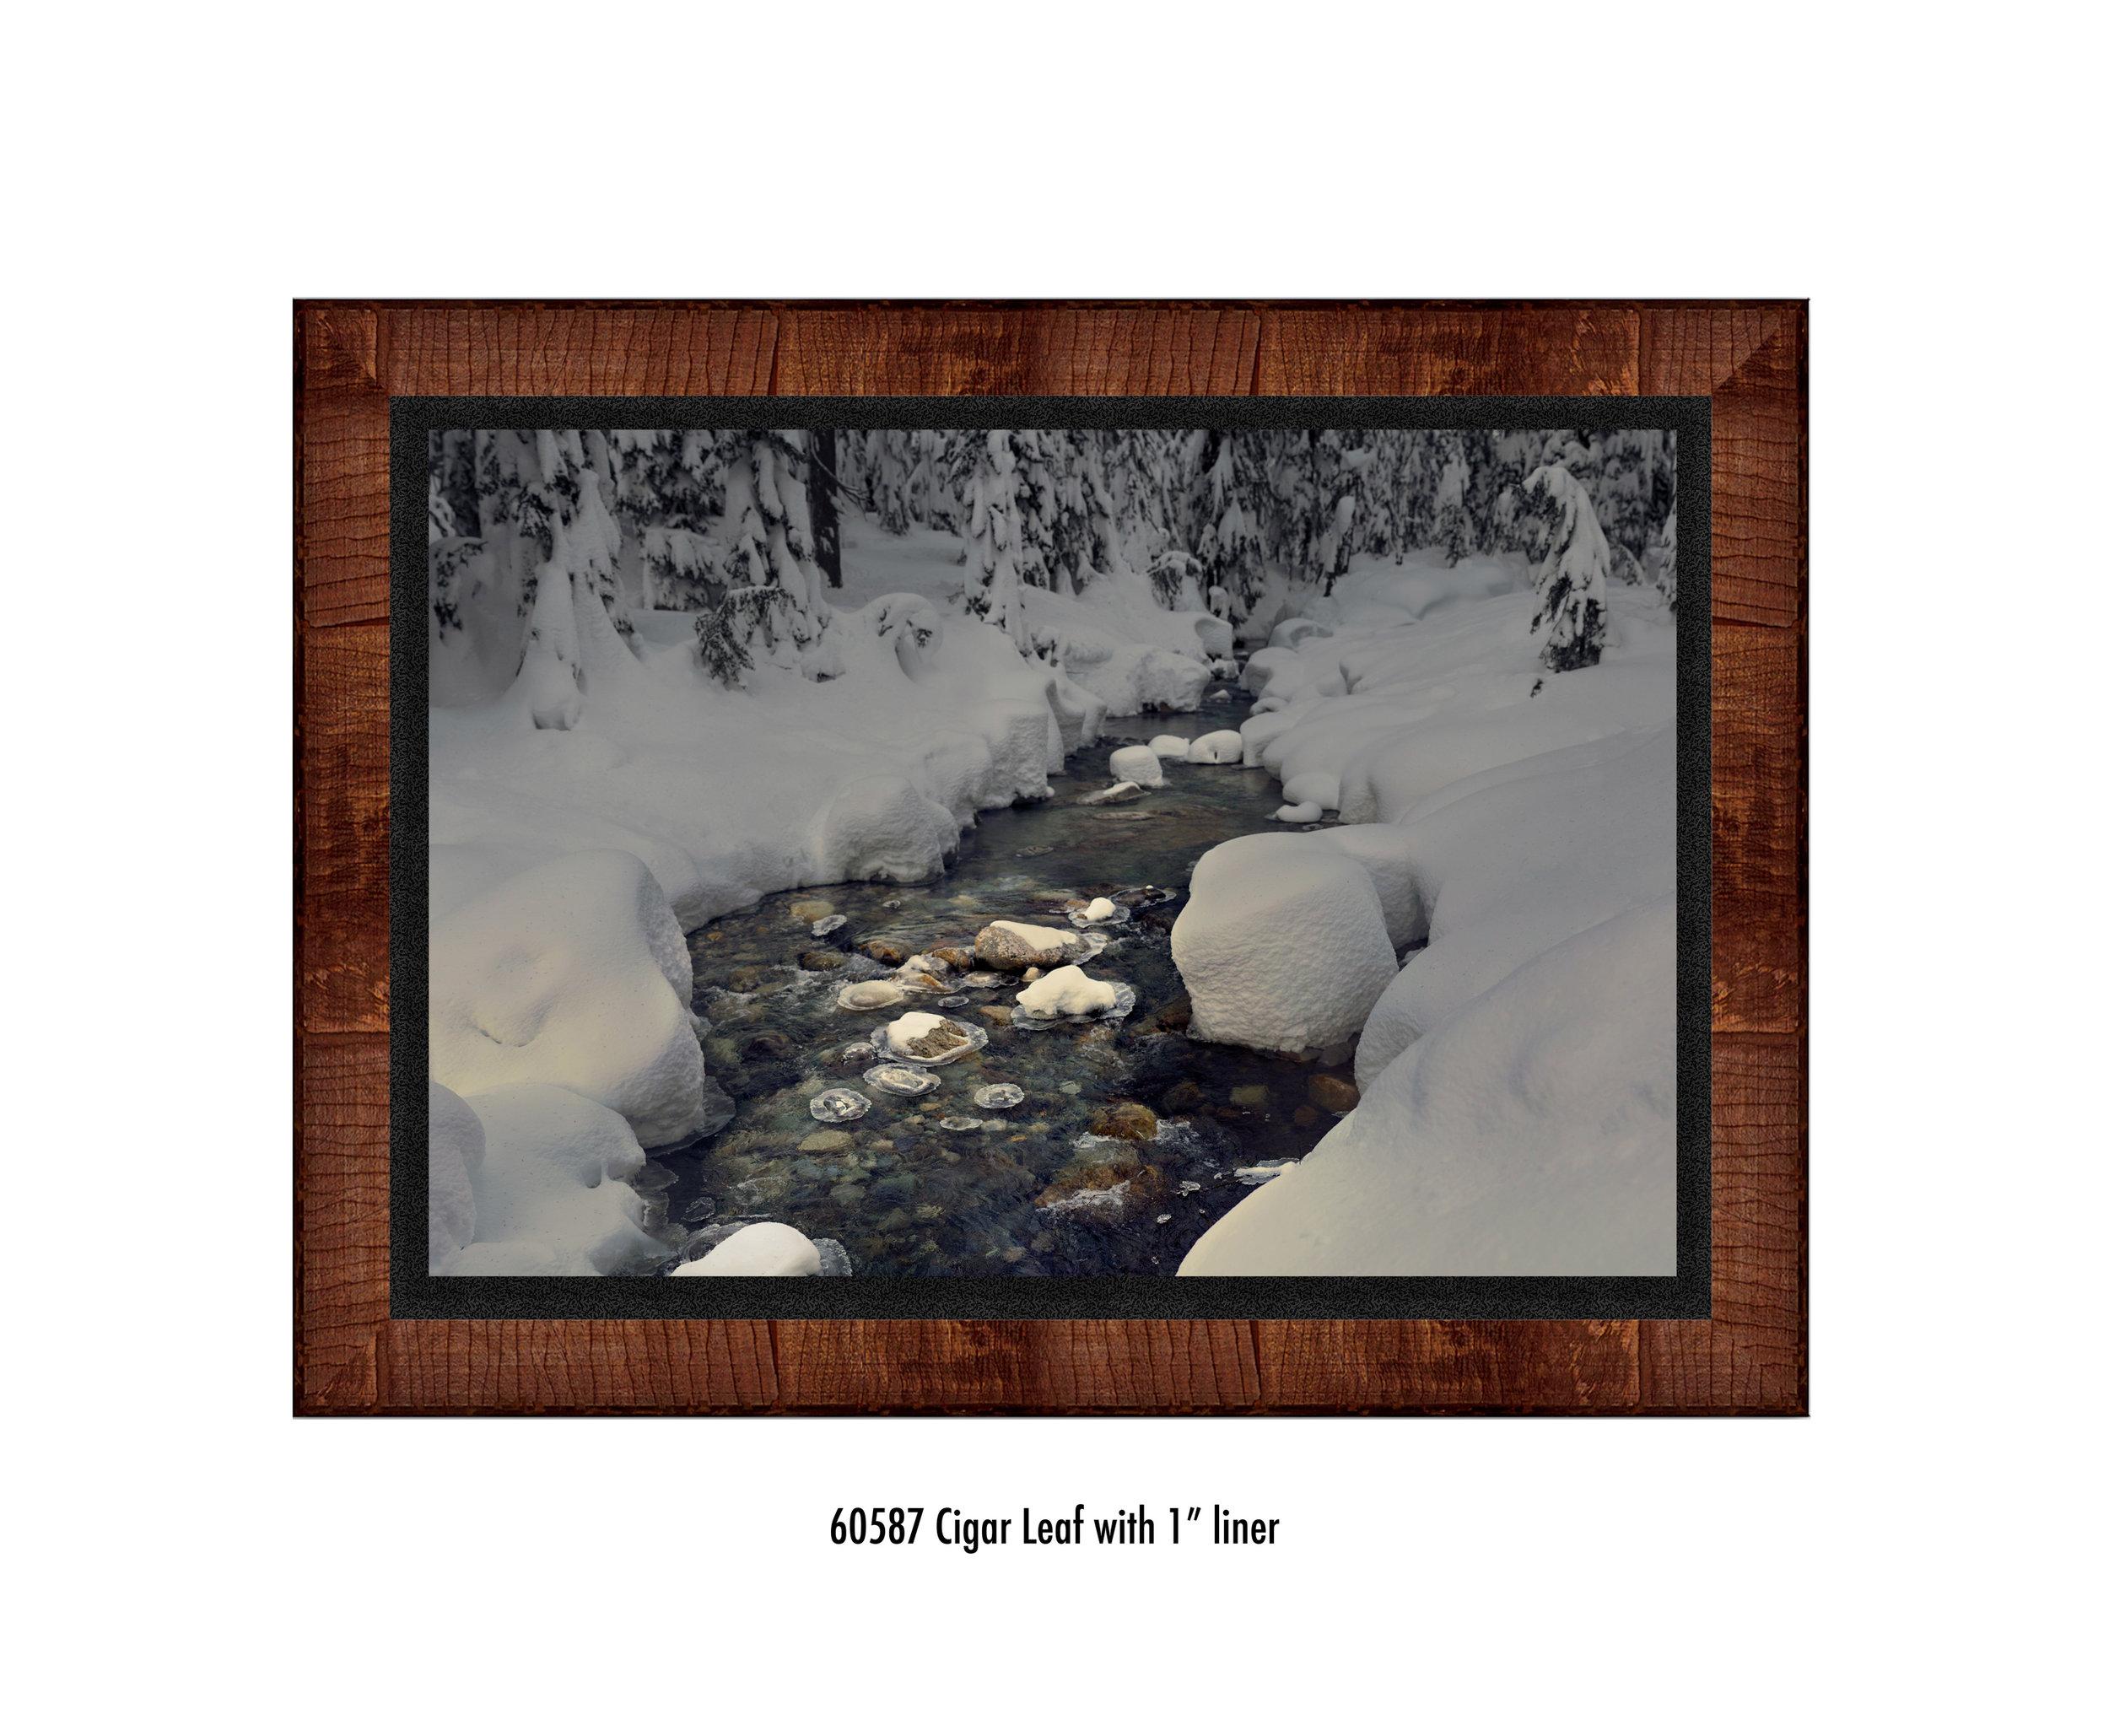 Winters-Heart-60587-1-blk.jpg